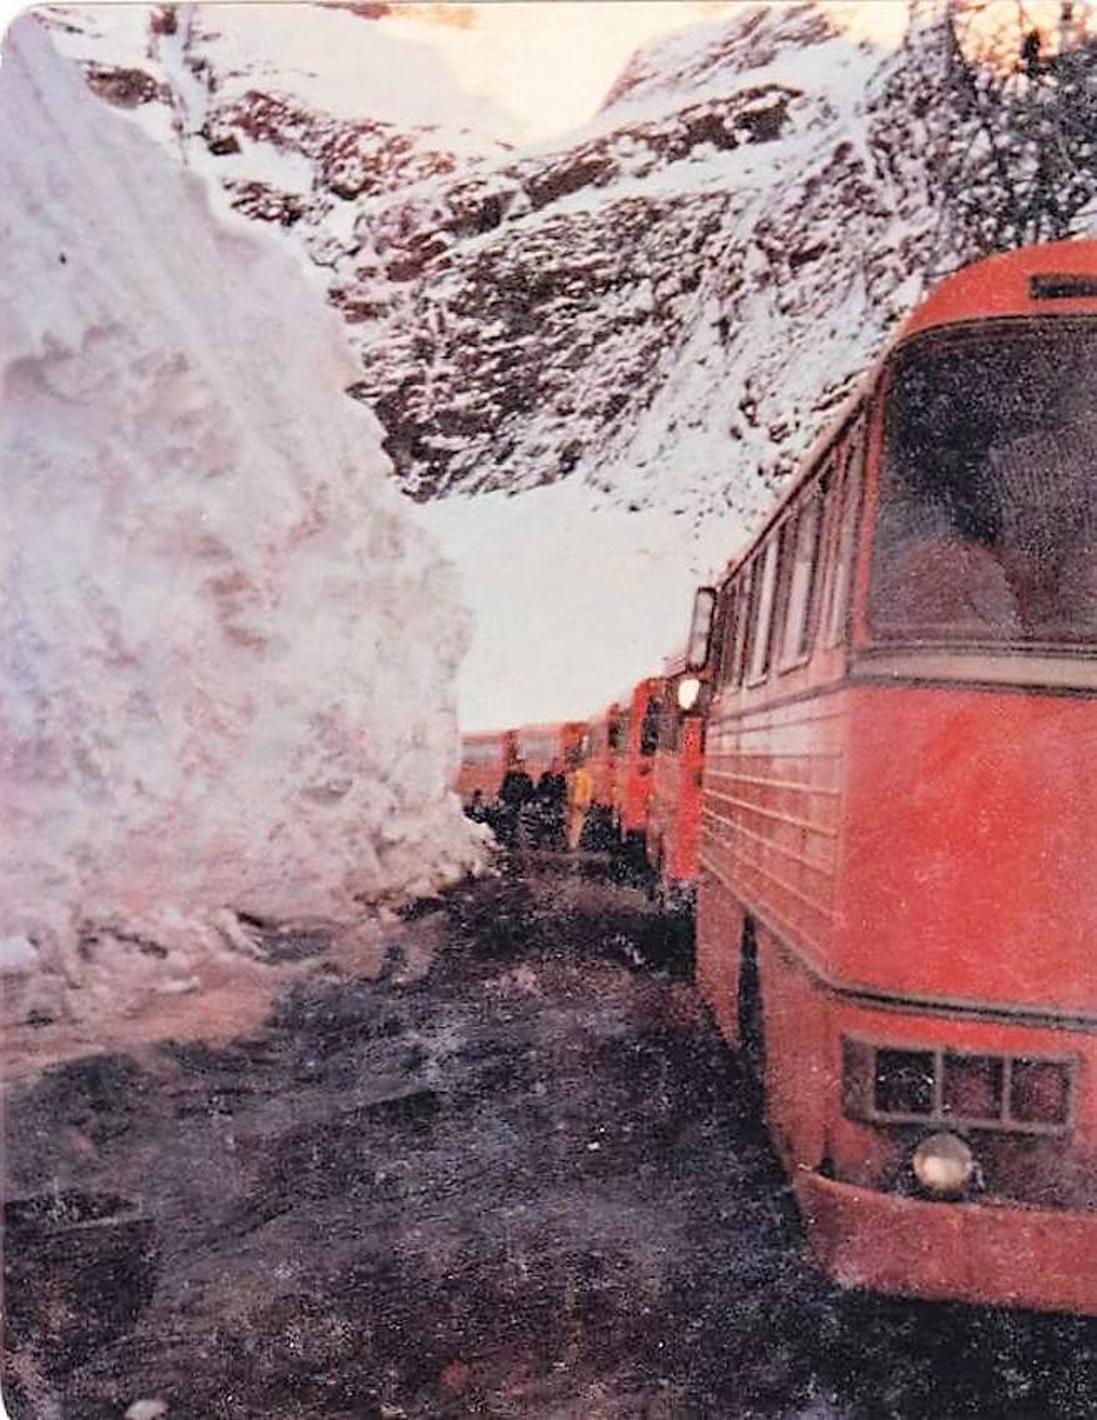 Enterreno - Fotos históricas de chile - fotos antiguas de Chile - Cruce de la cordillera de buses brasileños encargados por Codelco, 1965